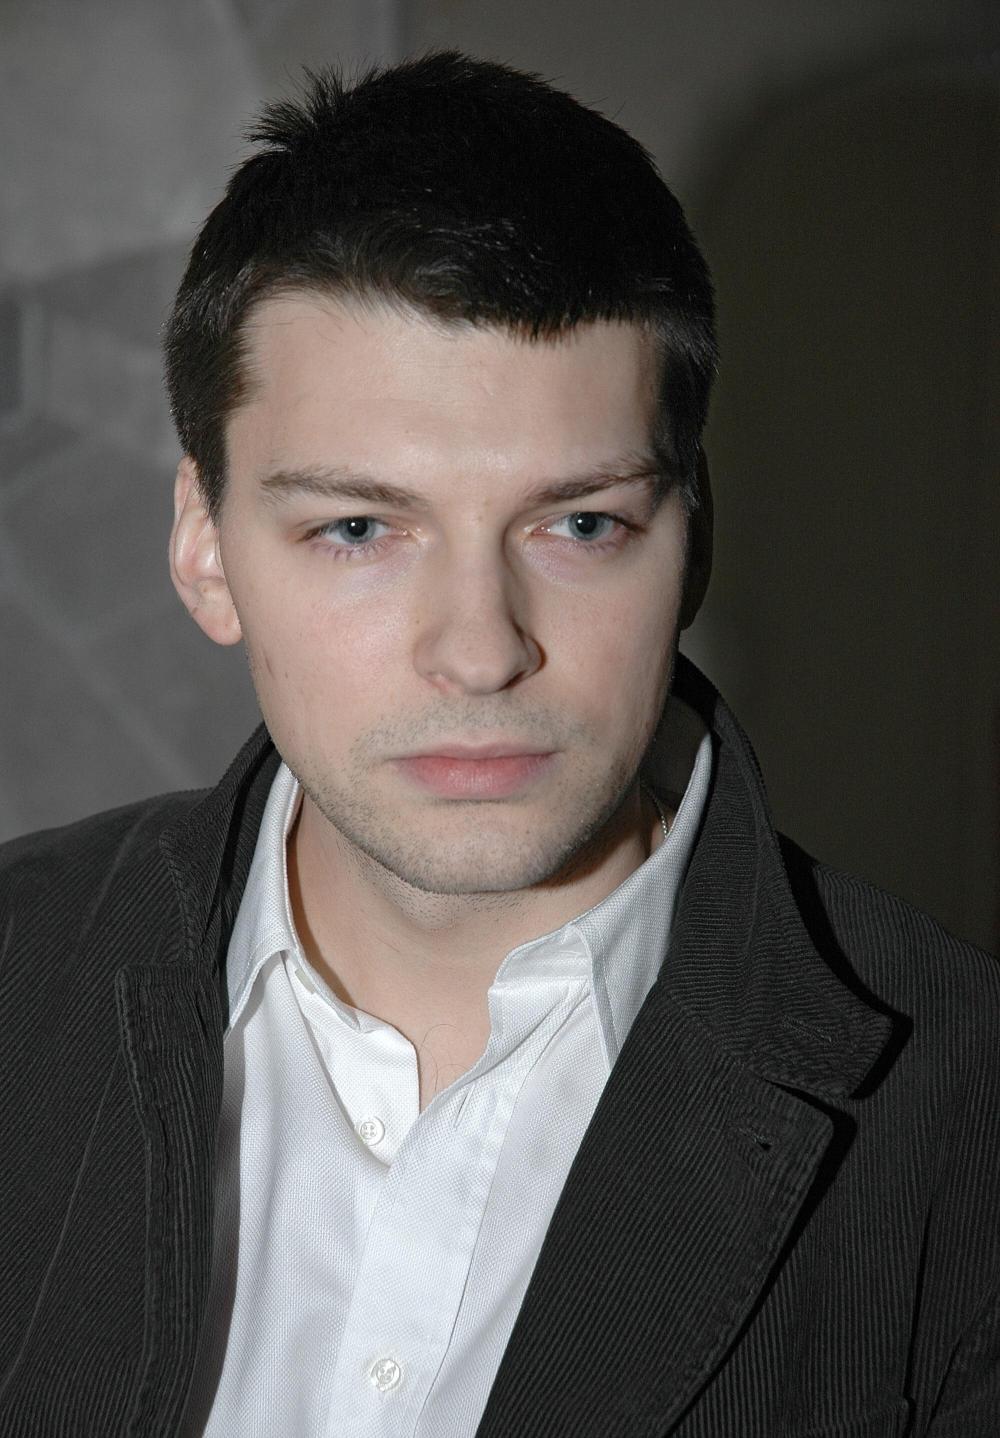 Photo №14106 Daniil Strakhov.